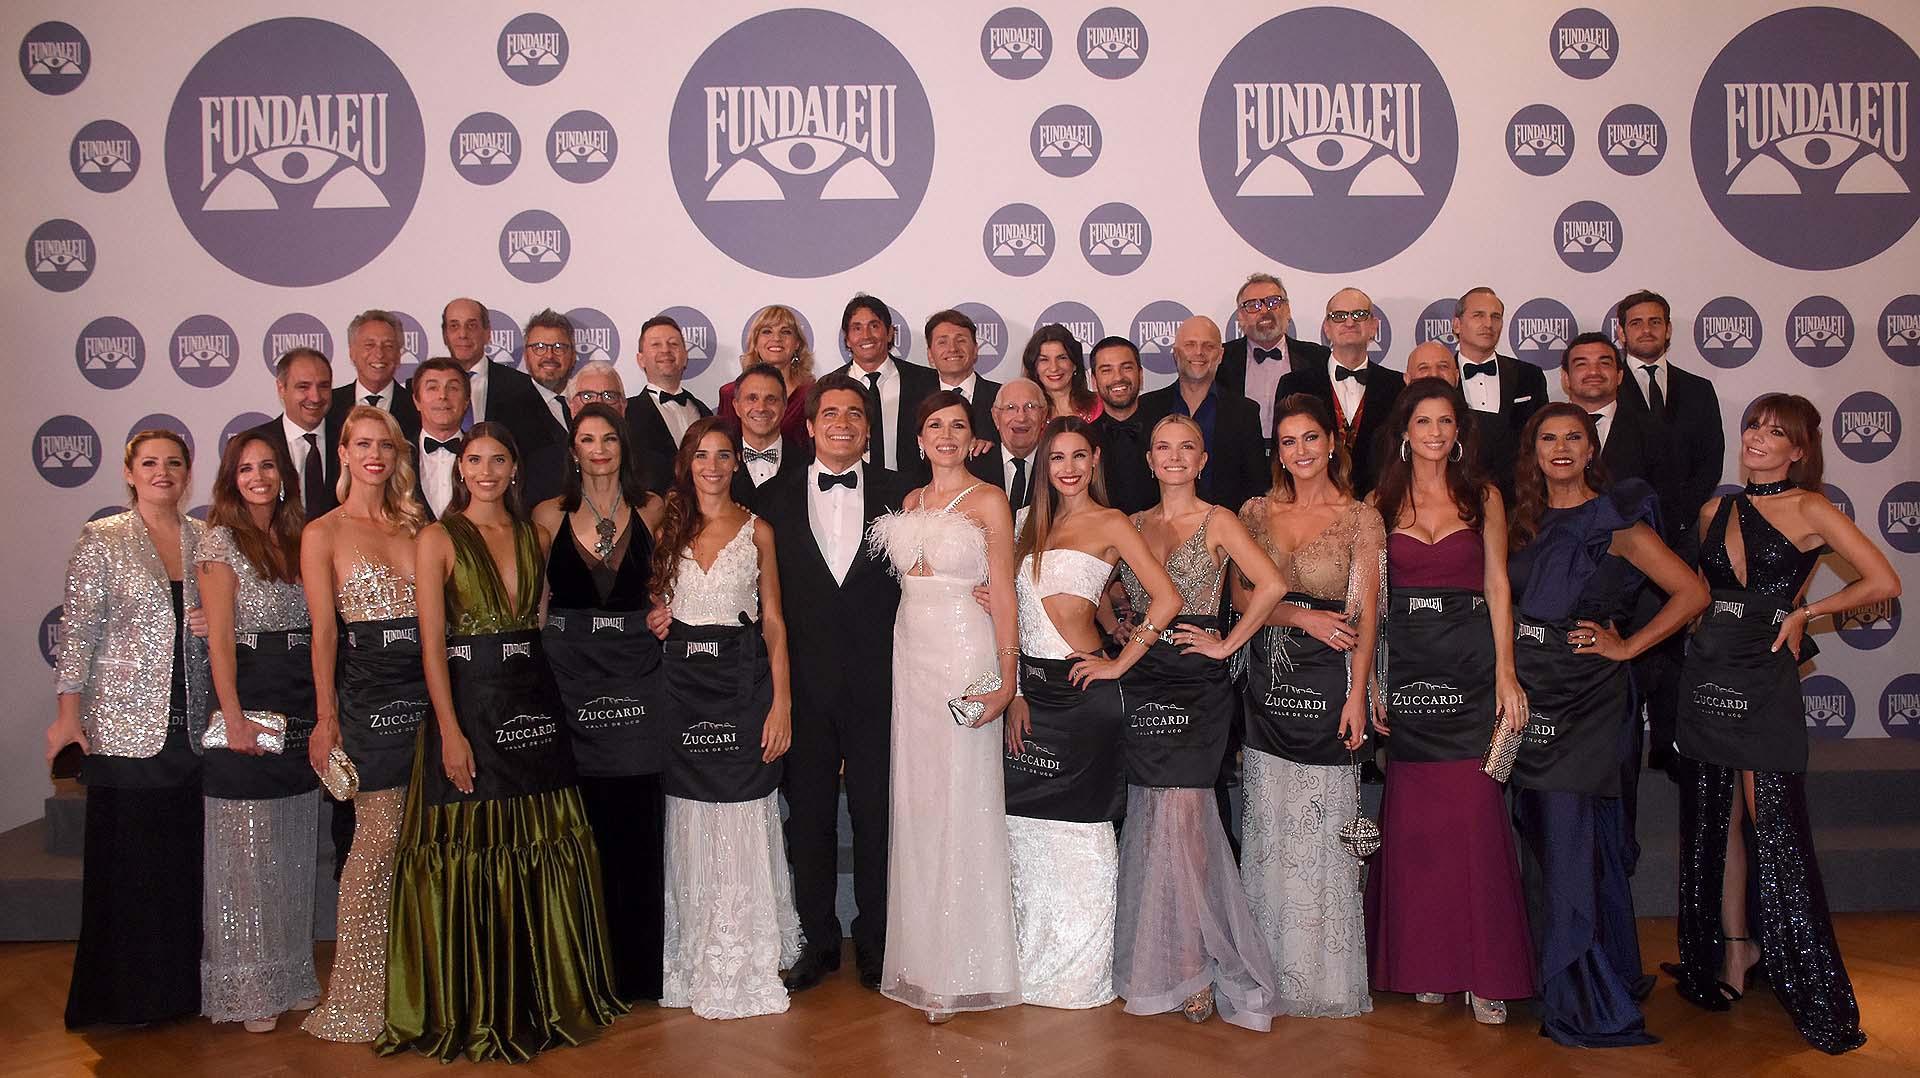 """Hace 24 años que las celebridades acompañan a Fundaleu en calidad de """"Celebrity Waiters"""" y se convierten en los protagonistas de la velada solidaria a favor de la vida y para combatir la leucemia"""